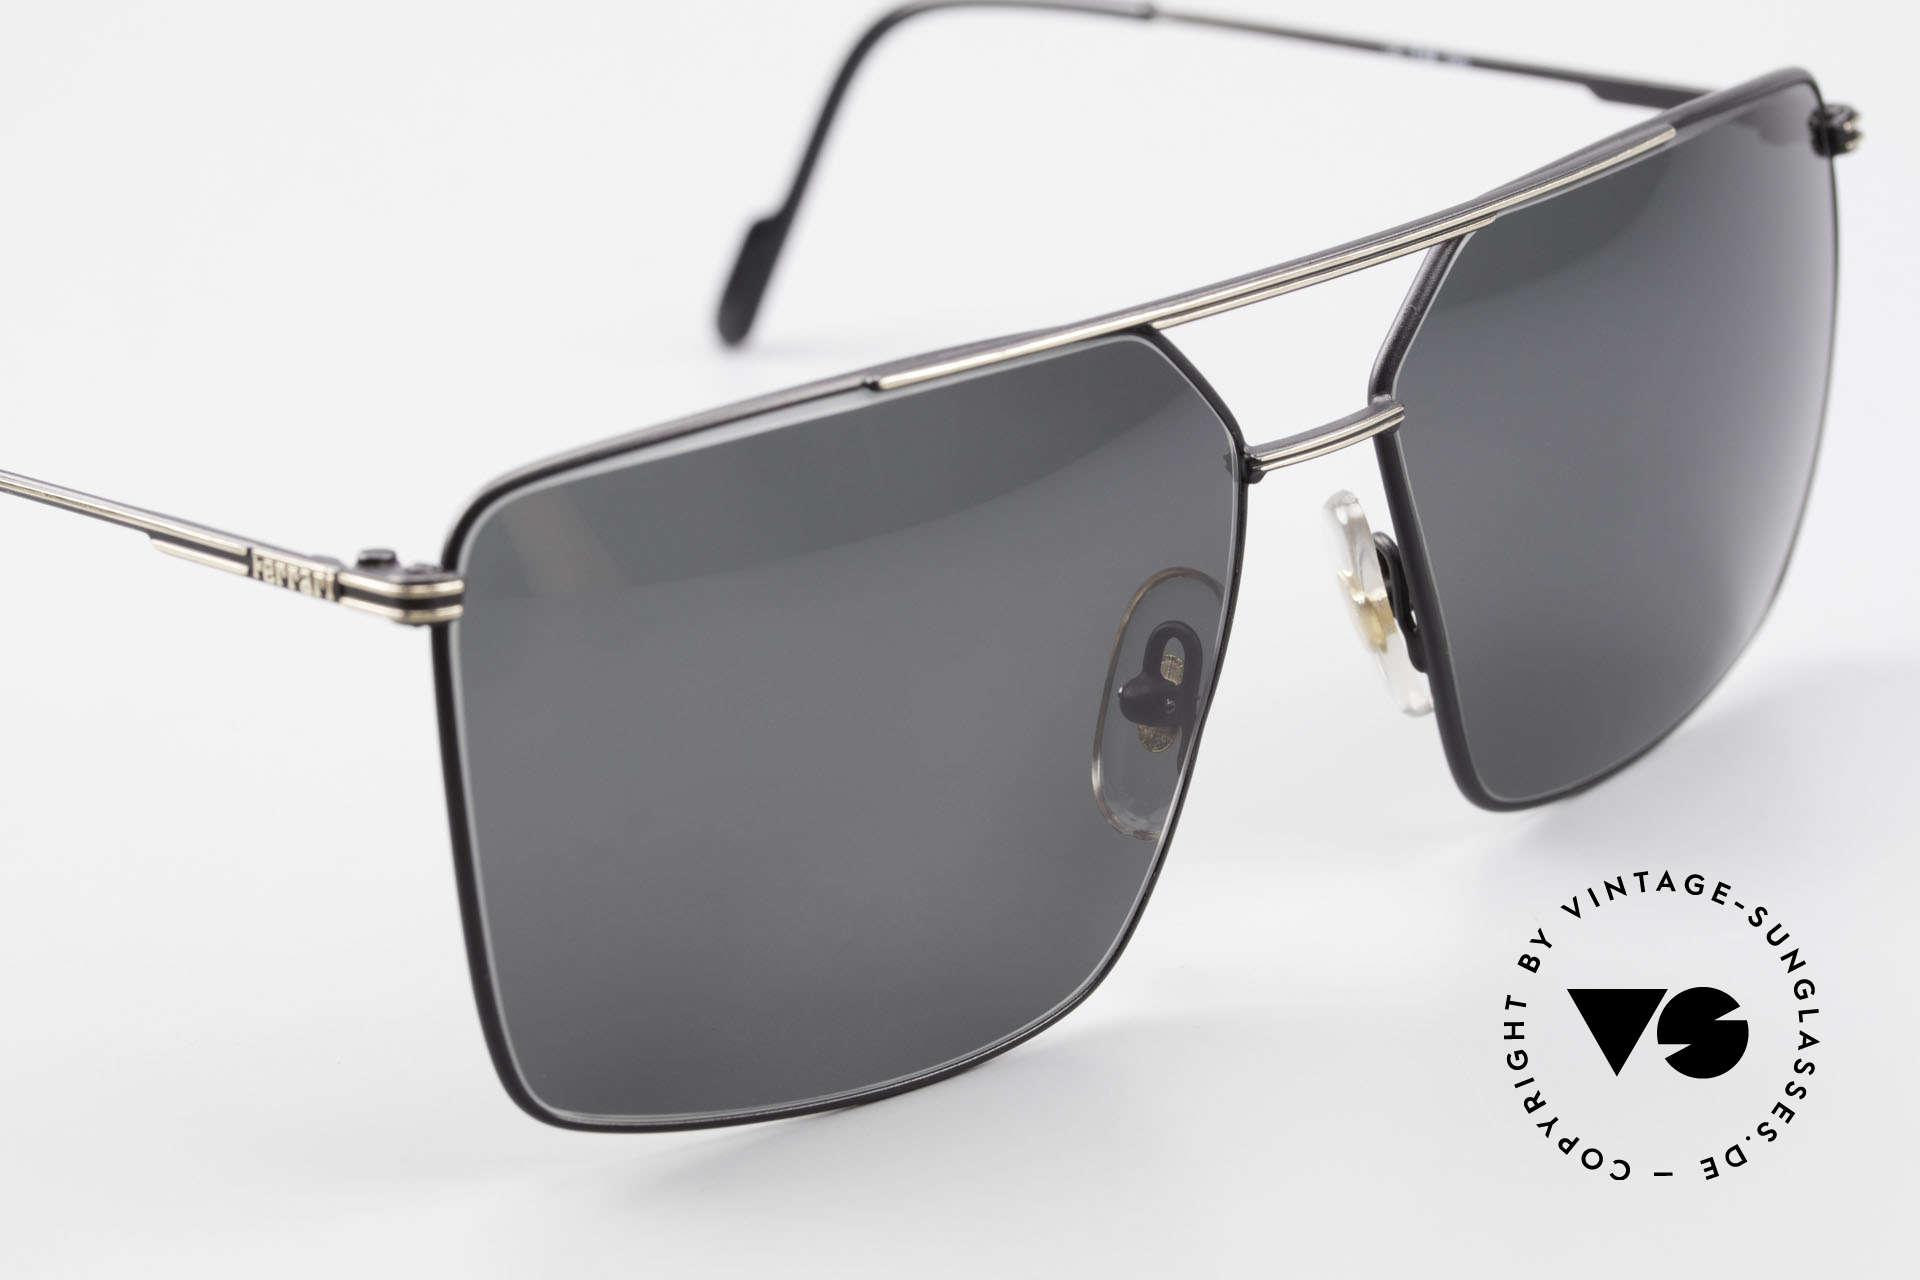 Ferrari F46 Retro Sunglasses Old Vintage, NO RETRO sunglasses; an old VINTAGE ORIGINAL, Made for Men